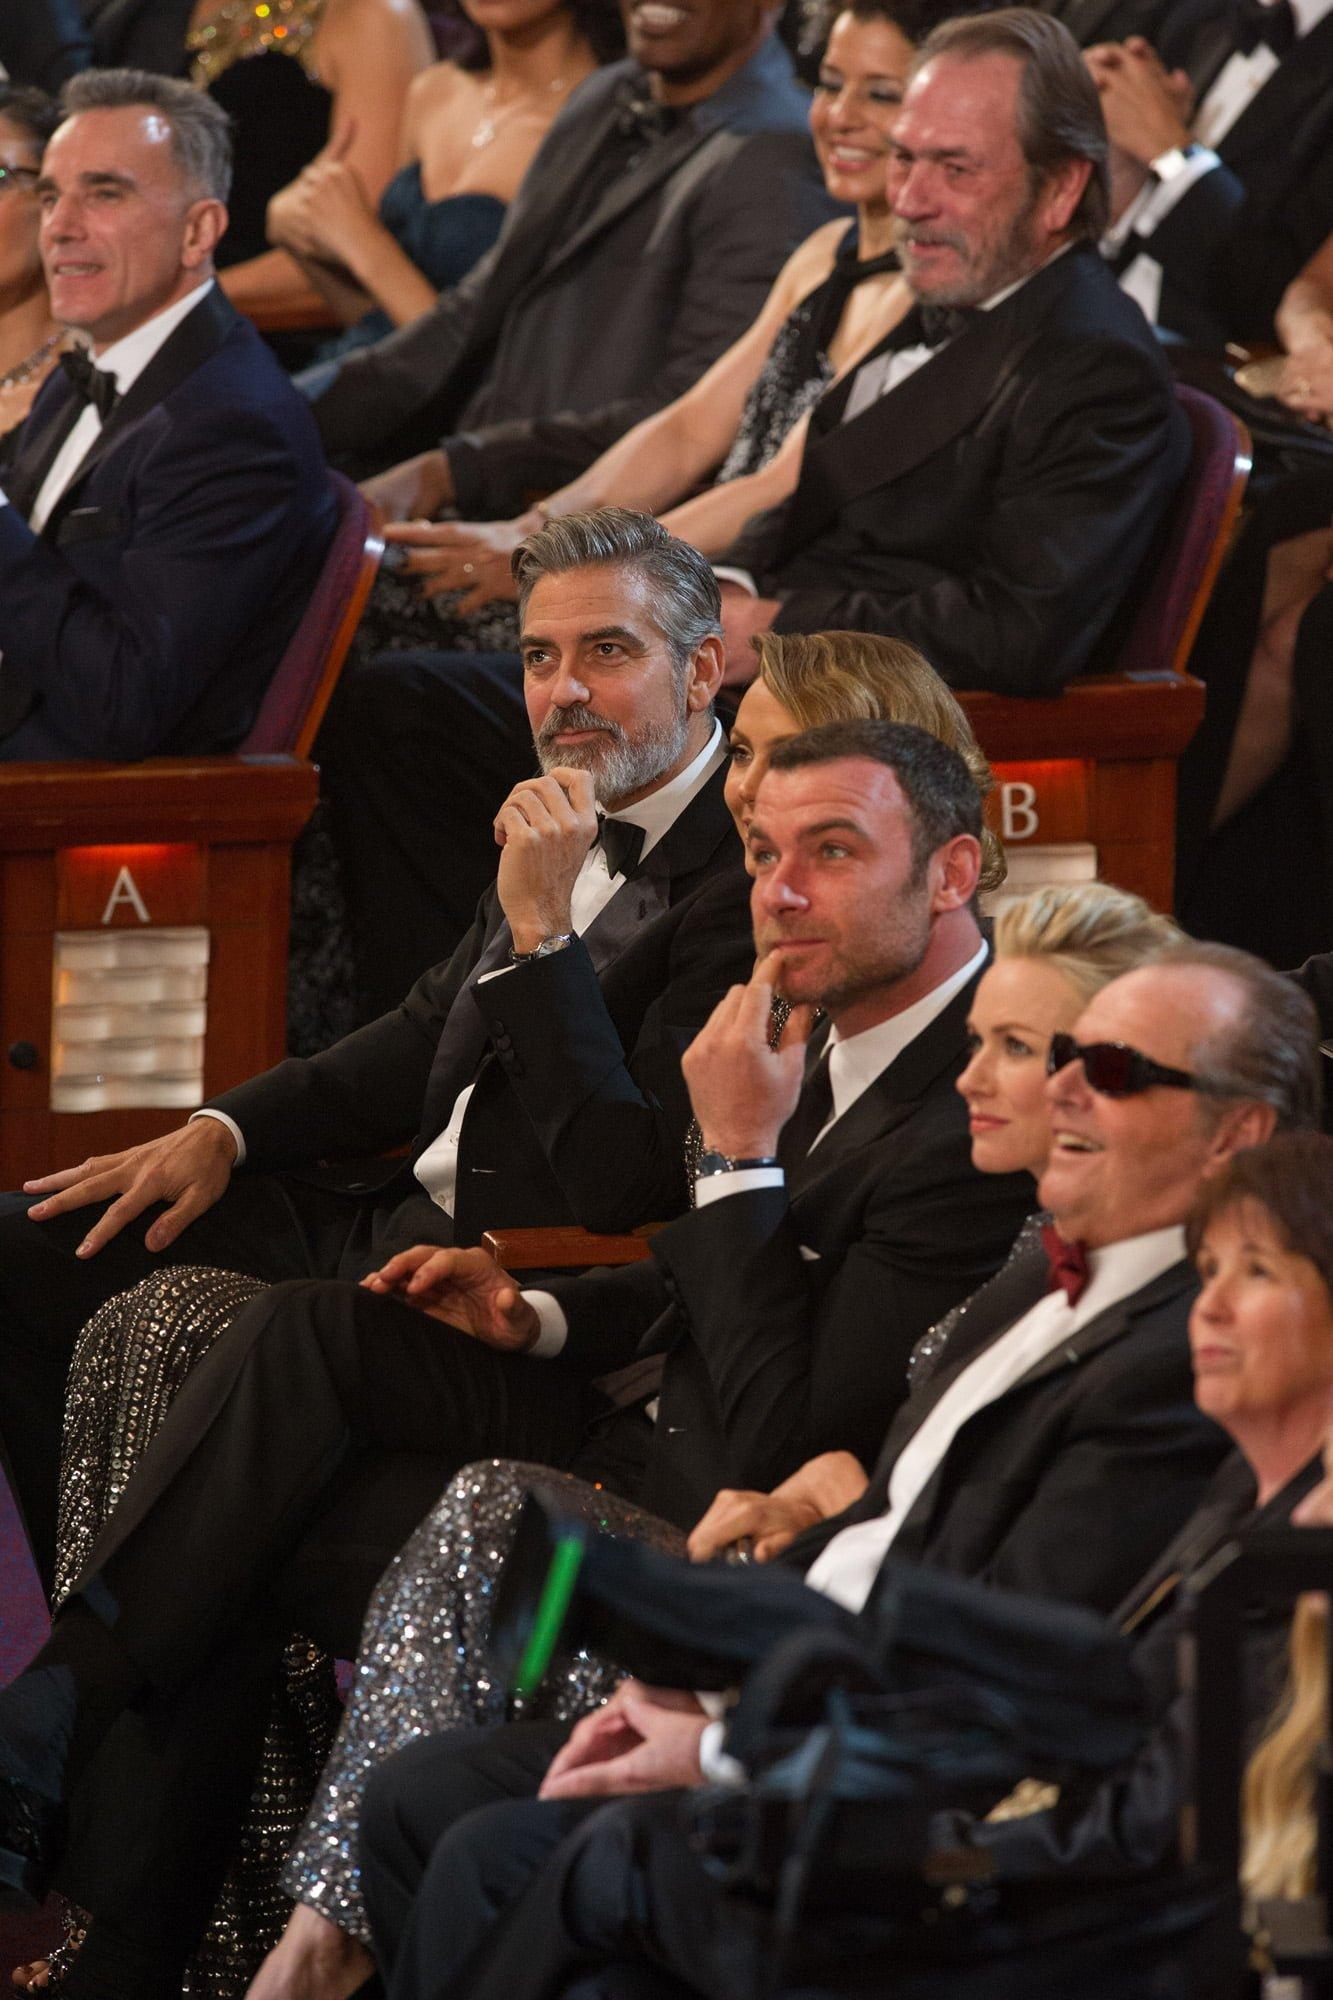 George Clooney, Liev Schreiber